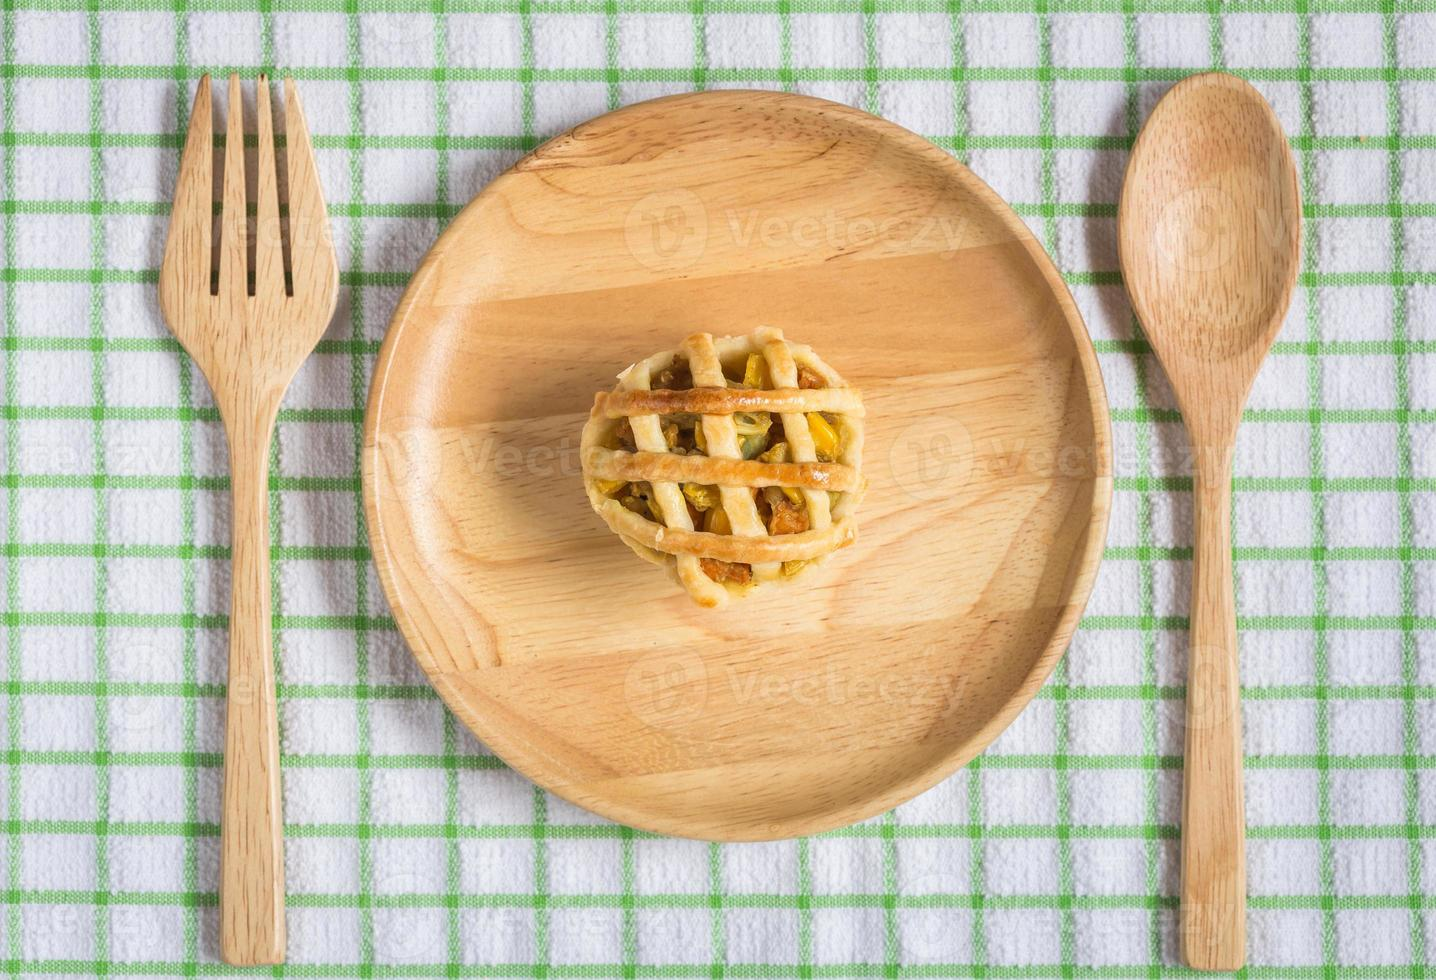 torta de frango no prato de madeira foto